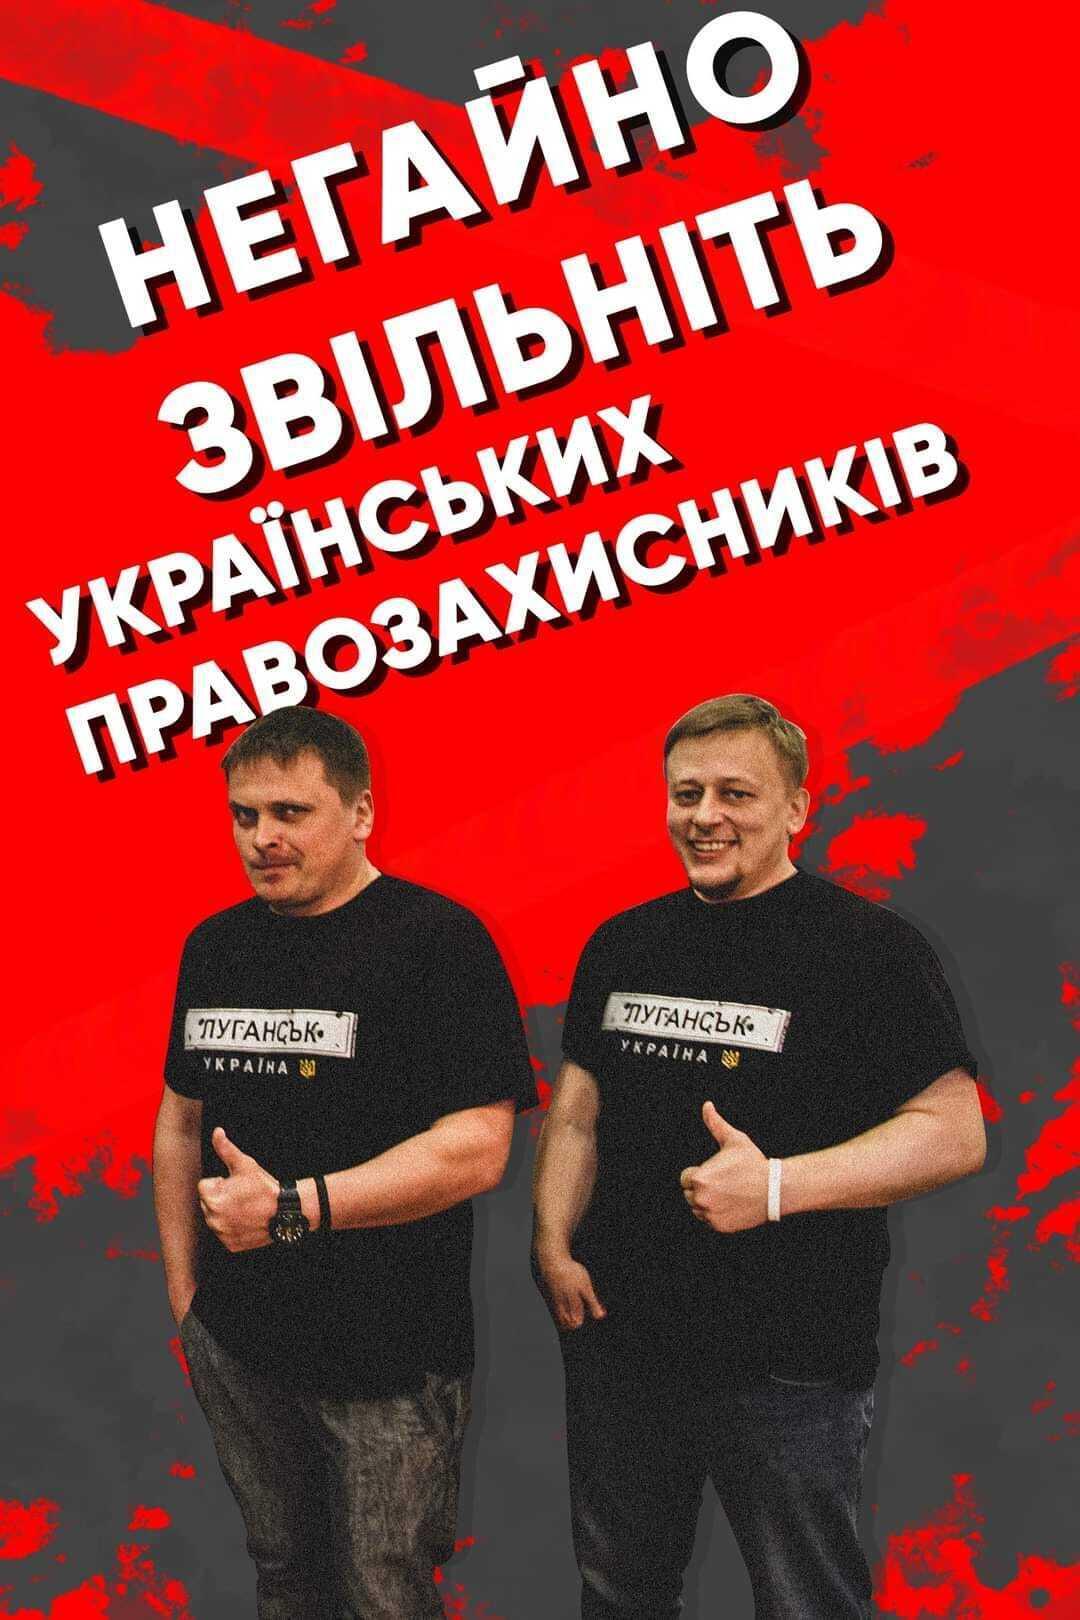 Сенцов закликав звільнити затриманих під час протестів у Білорусі українських волонтерів